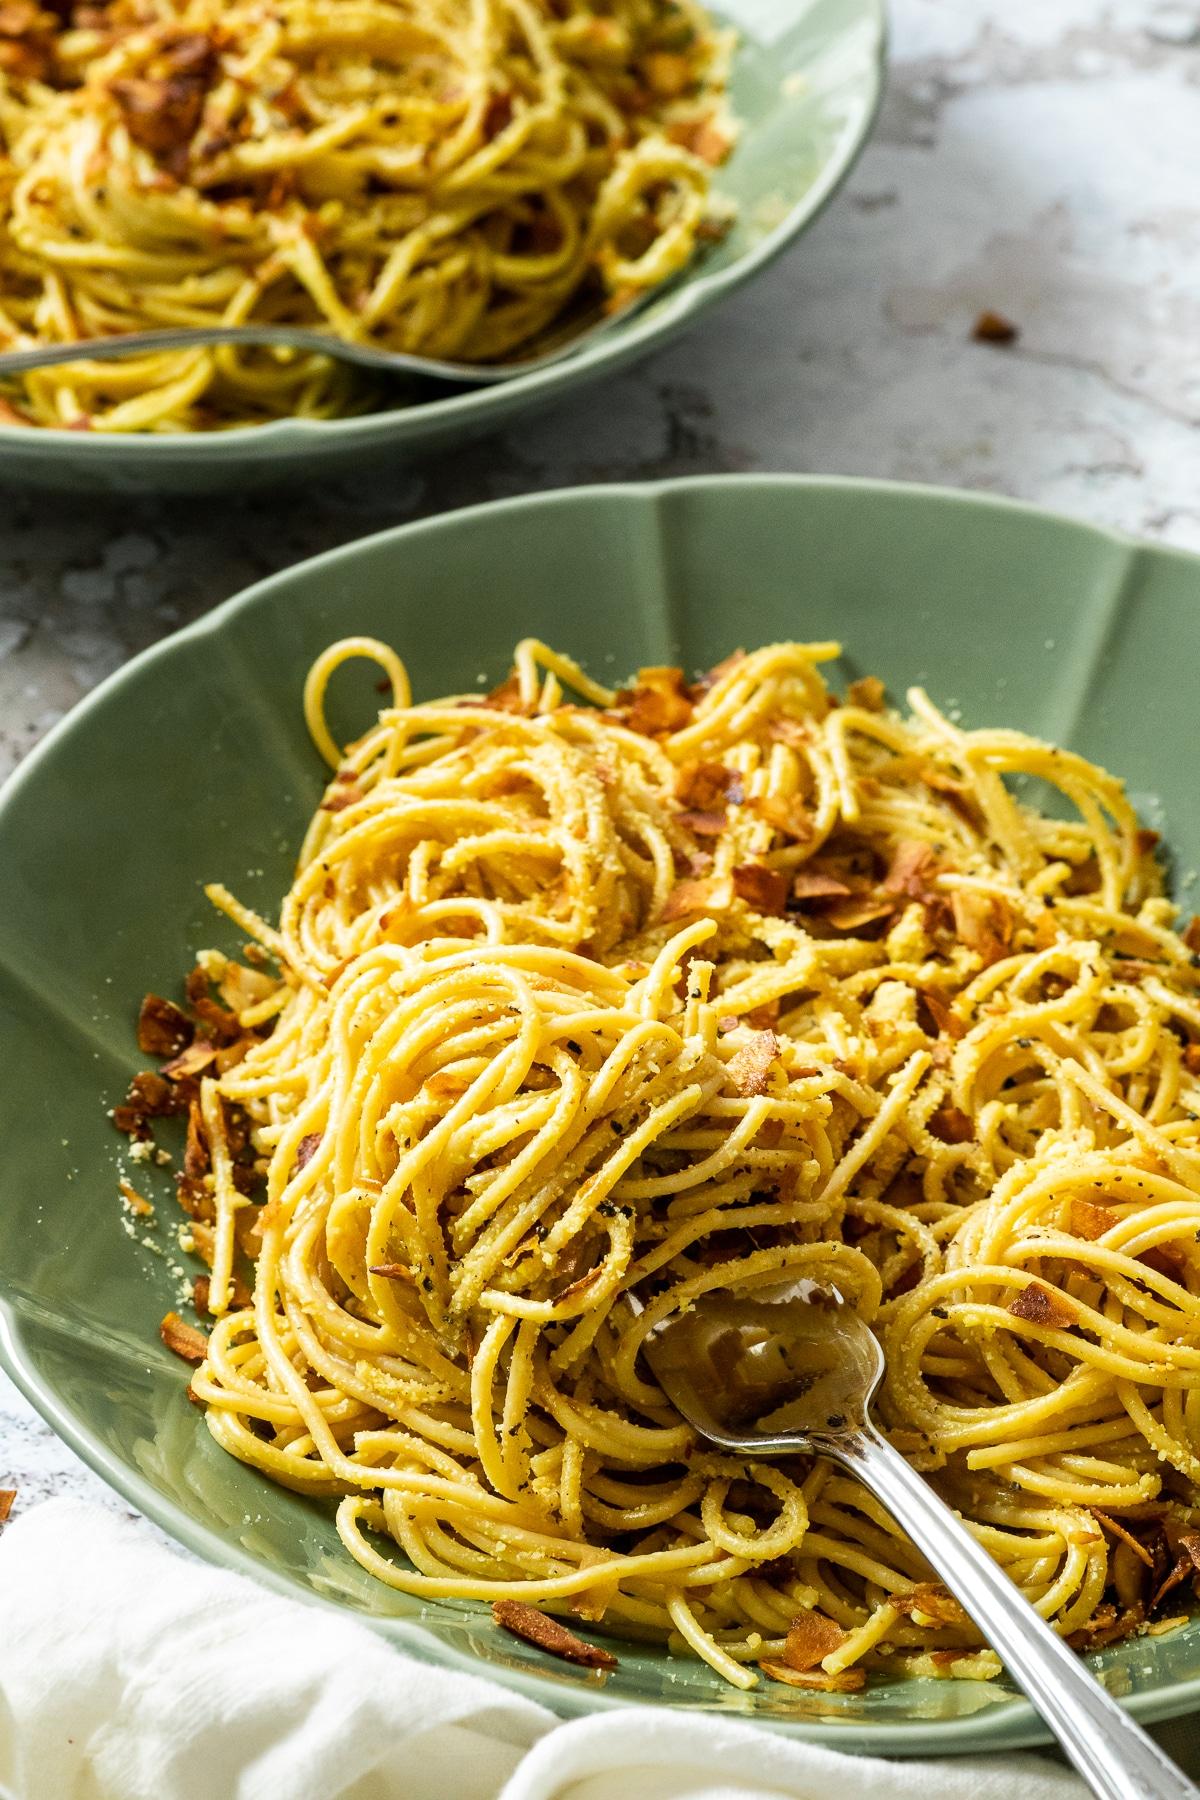 Vegane Spaghetti Carbonara serviert auf einem Teller mit einer Gabel und im Hintergrund einen verschwommenen Teller mit Pasta Carbonara.